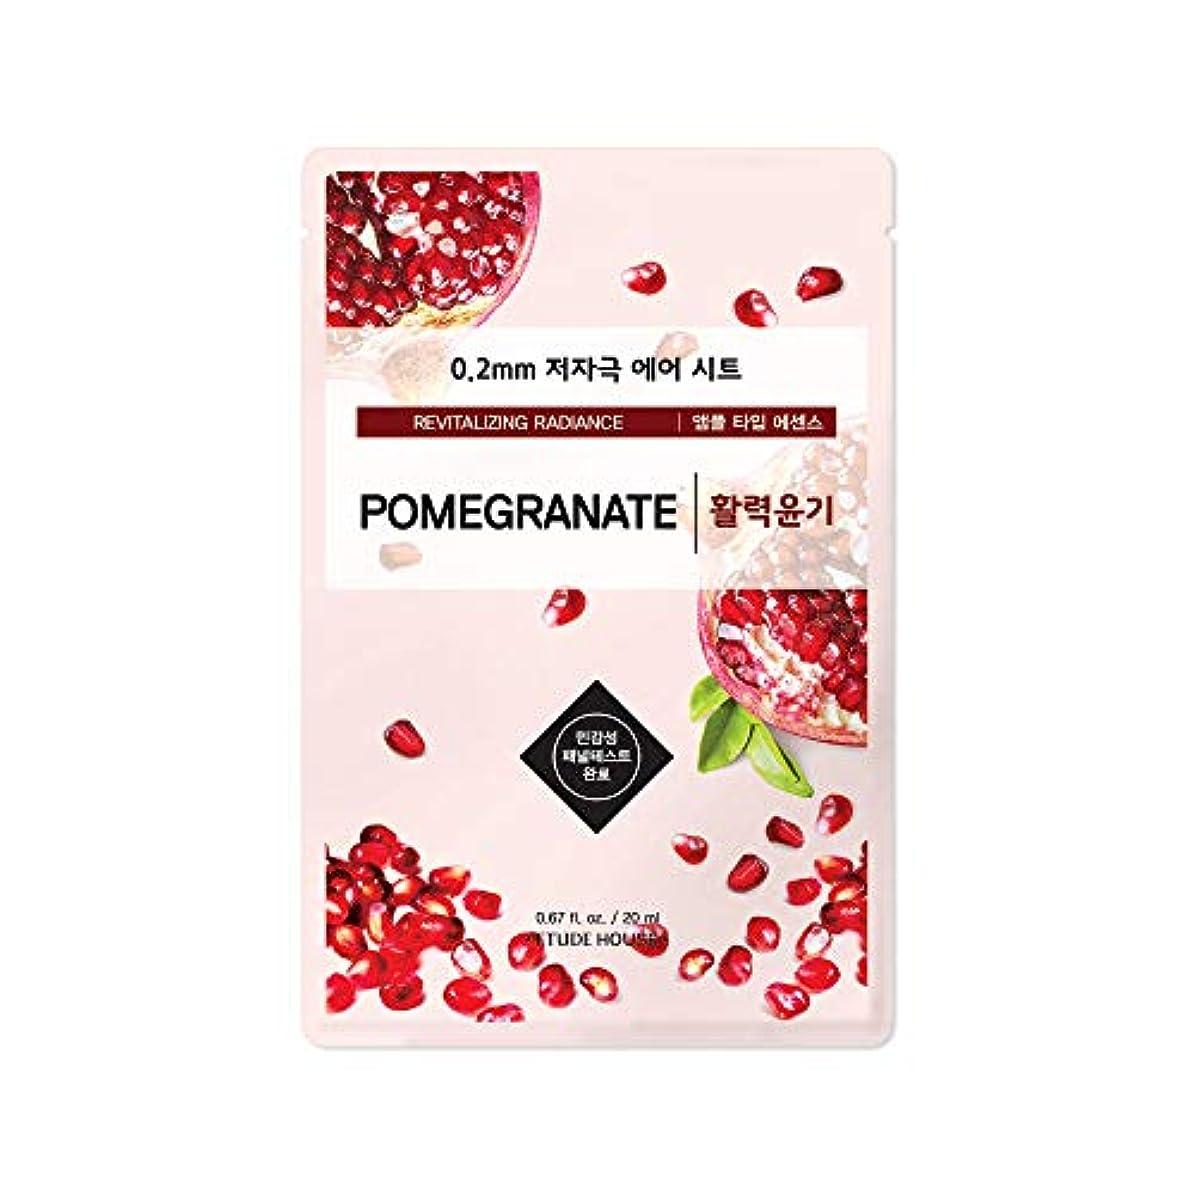 カップル大腿流用するETUDE HOUSE 0.2 Therapy Air Mask 20ml×10ea (#07 Pomegranate)/エチュードハウス 0.2 セラピー エア マスク 20ml×10枚 (#07 Pomegranate)